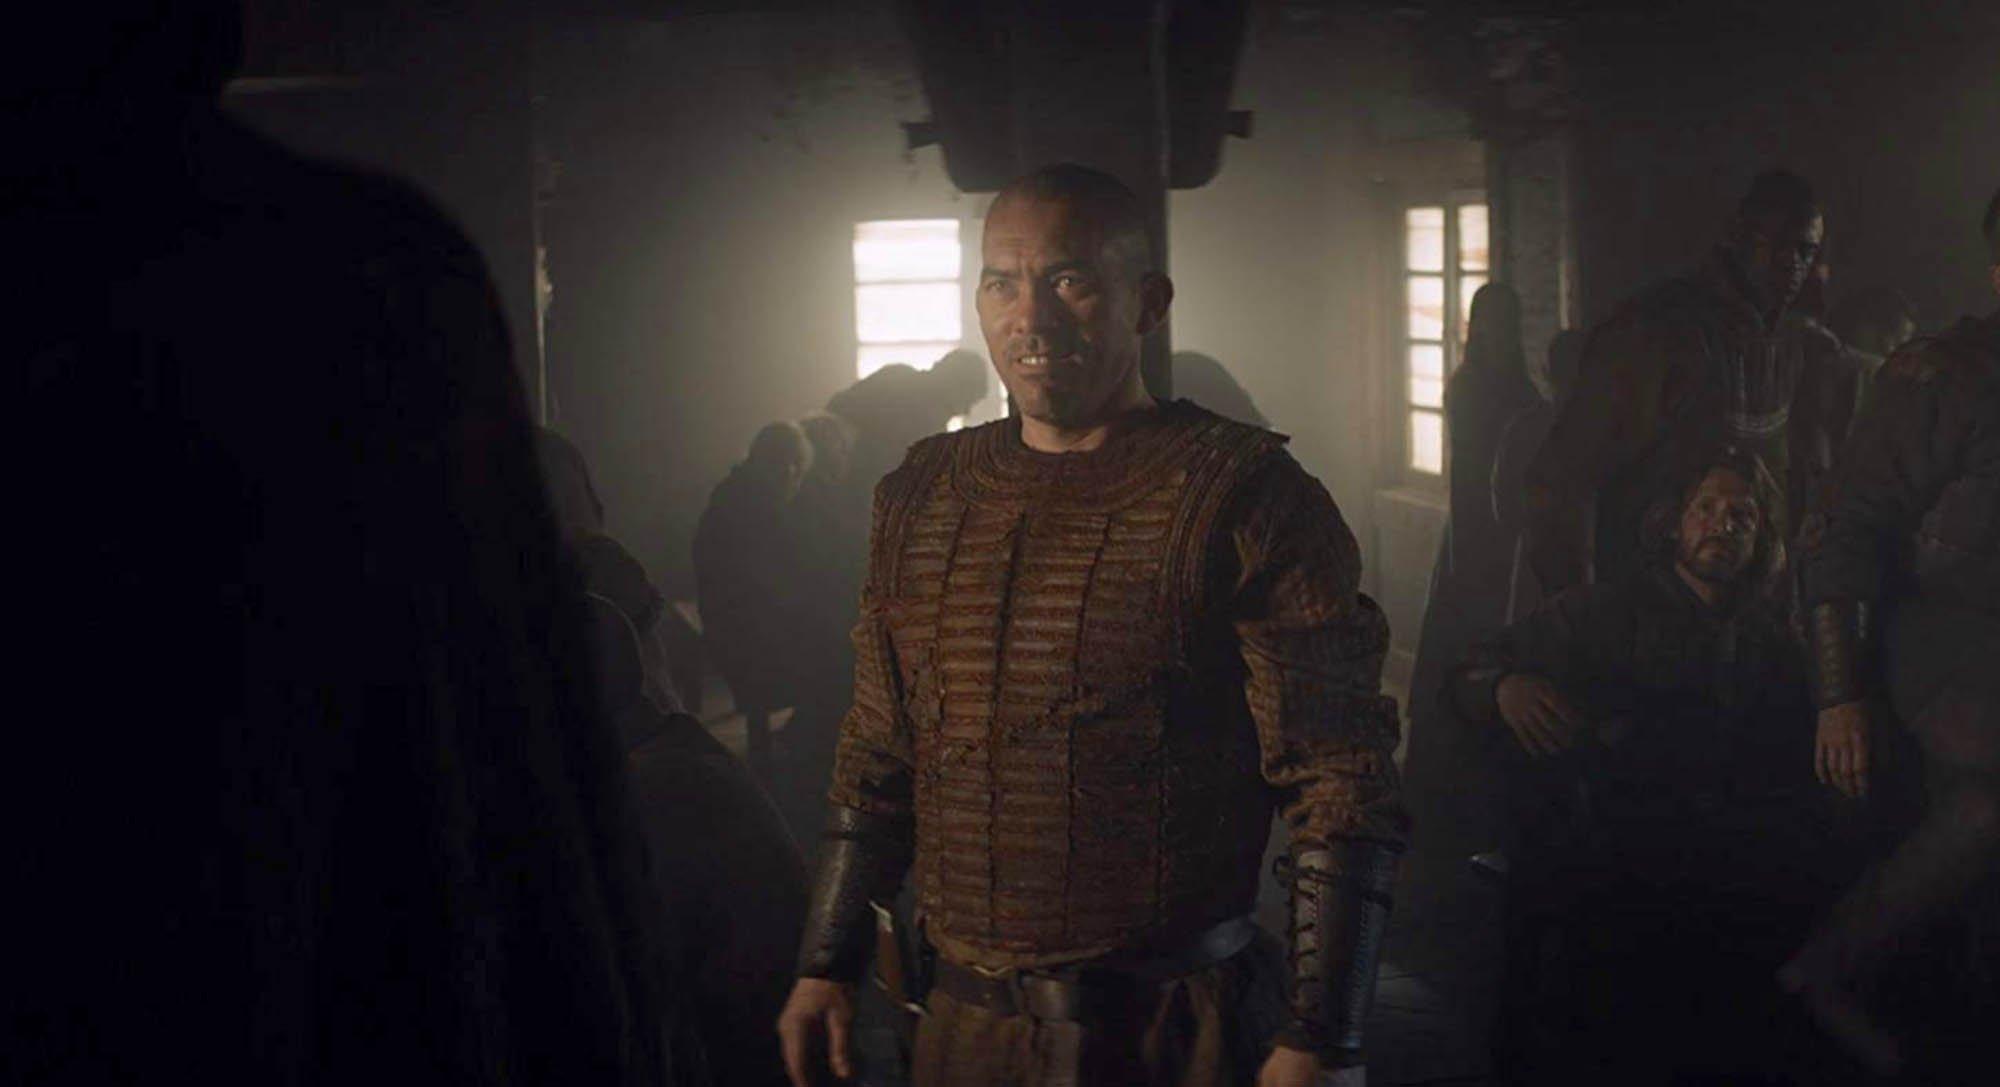 Designer de The Witcher da Netflix publica imagens inéditas da série 24